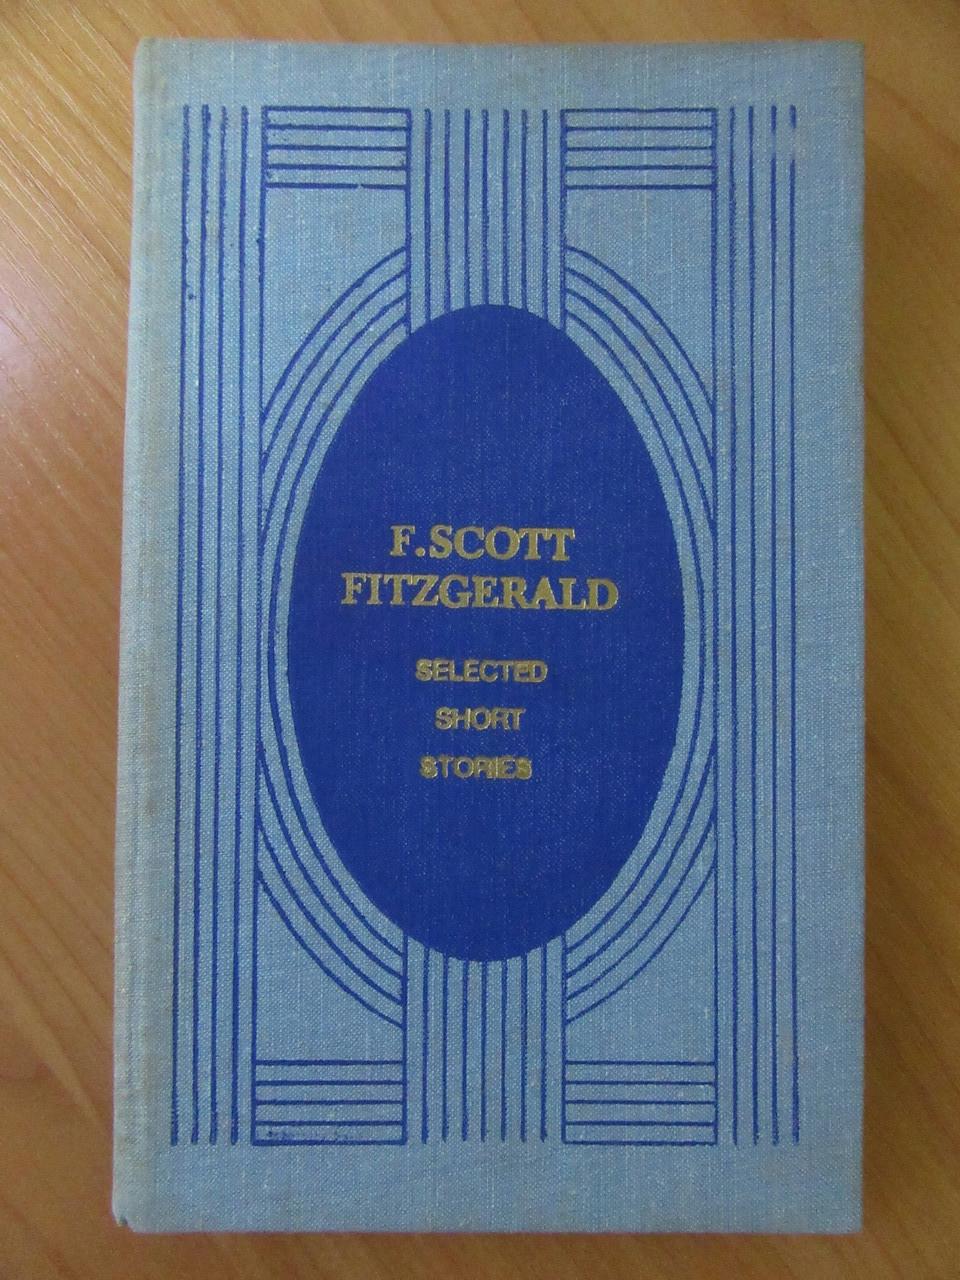 F.Scott Fitzgerald. Selected short stories (Фрэнсис Скотт Фицджеральд. Избранные рассказы на английском языке)